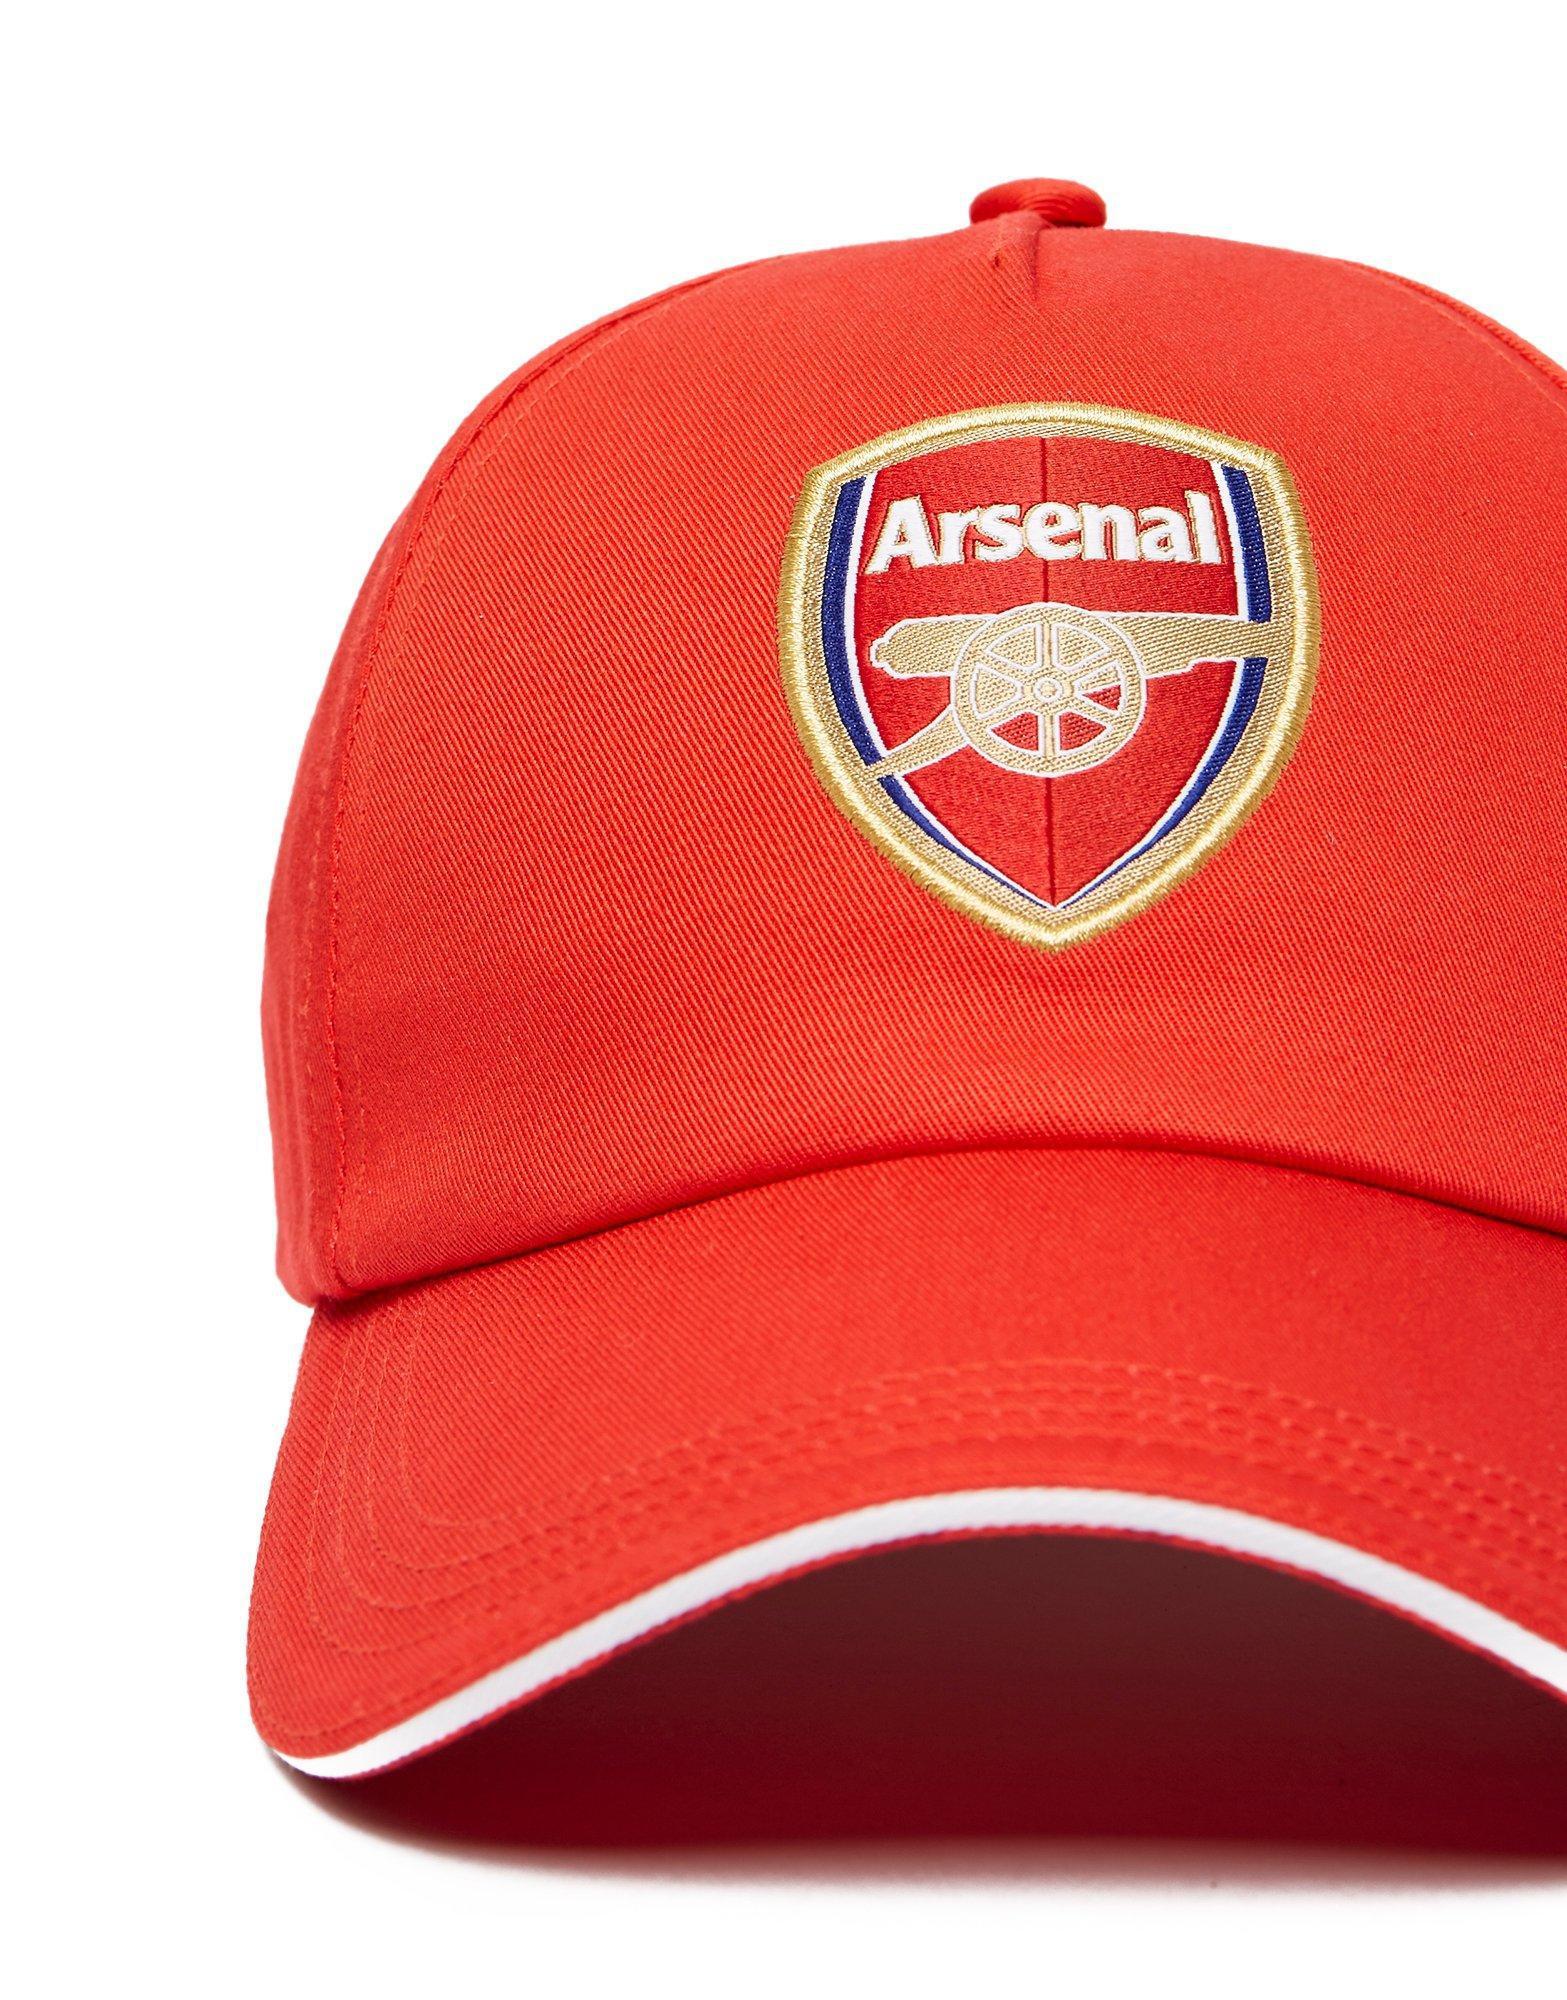 1fa2b8a2f66 Puma Arsenal Cap in Red - Lyst